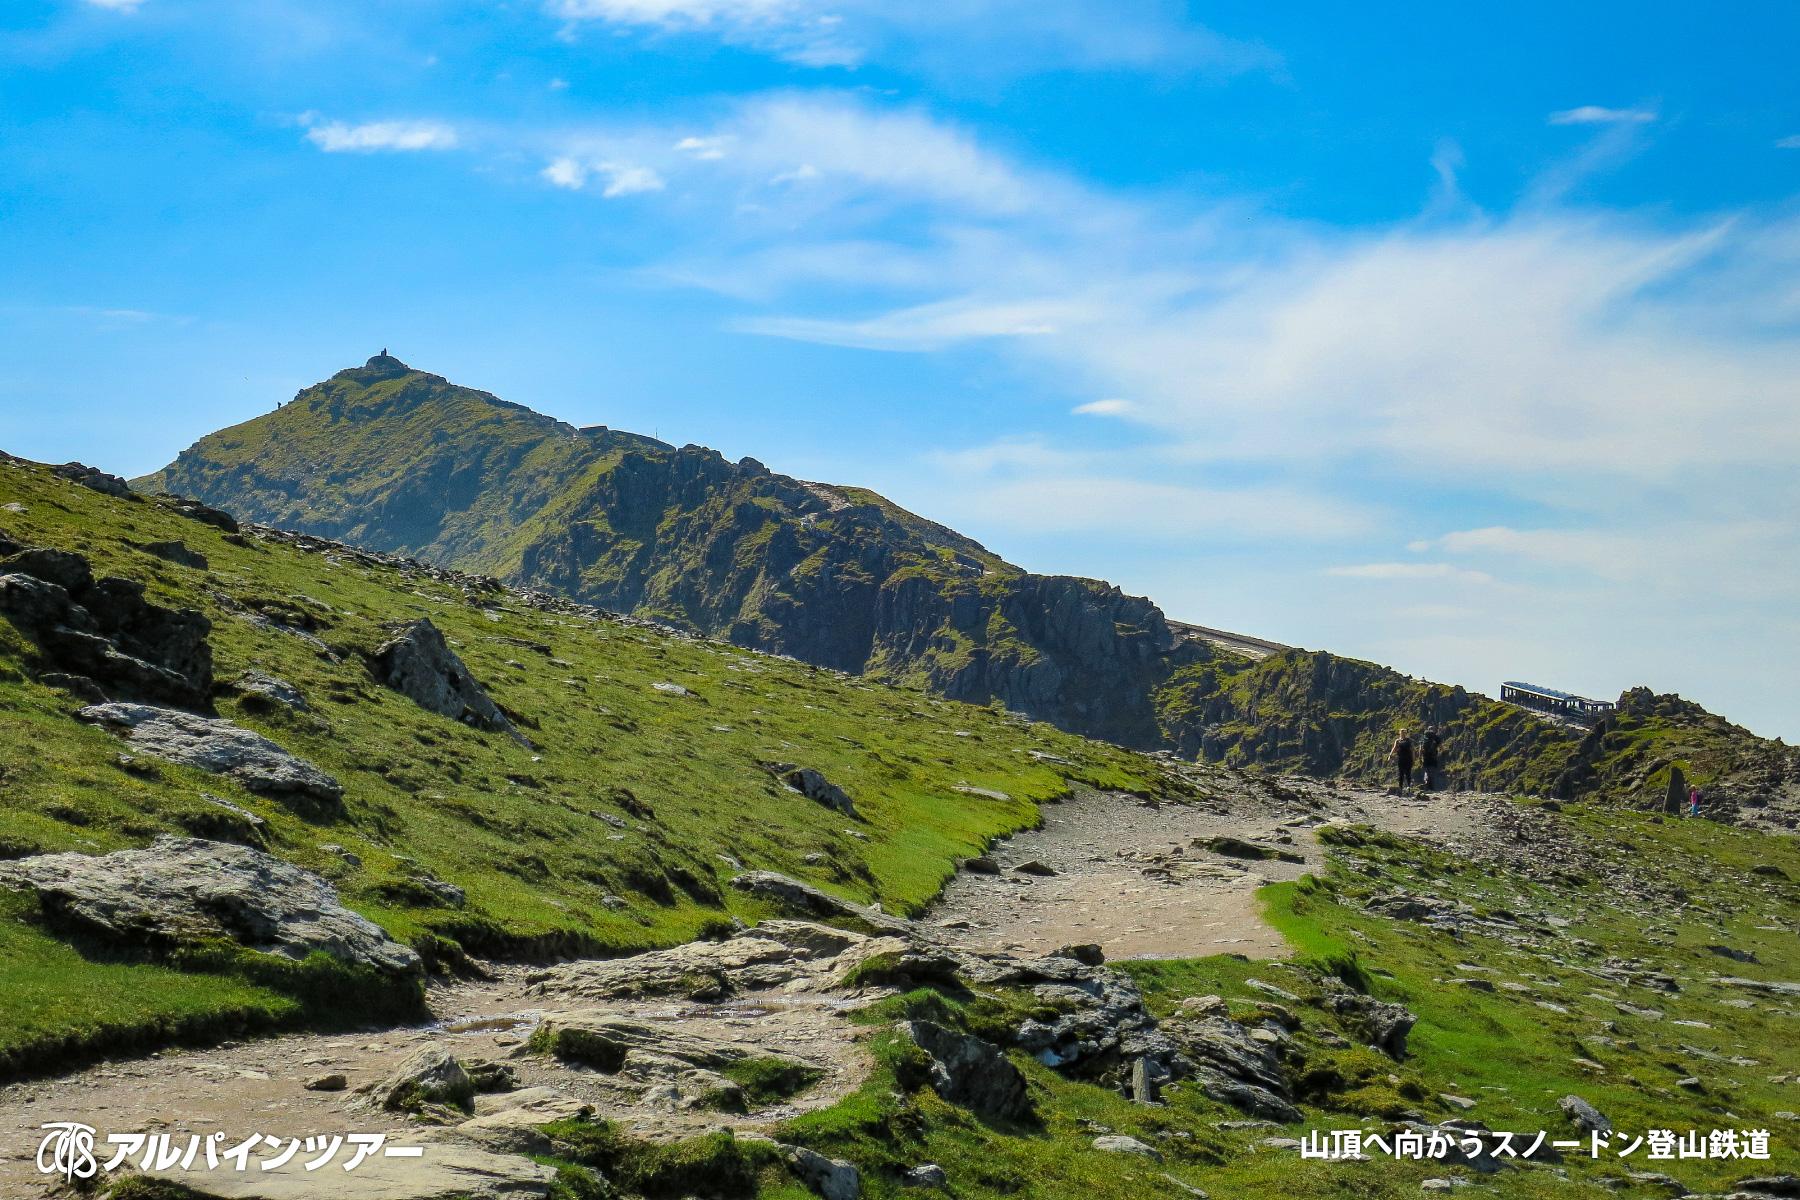 【今日の名峰】 スノードン(1,085m)